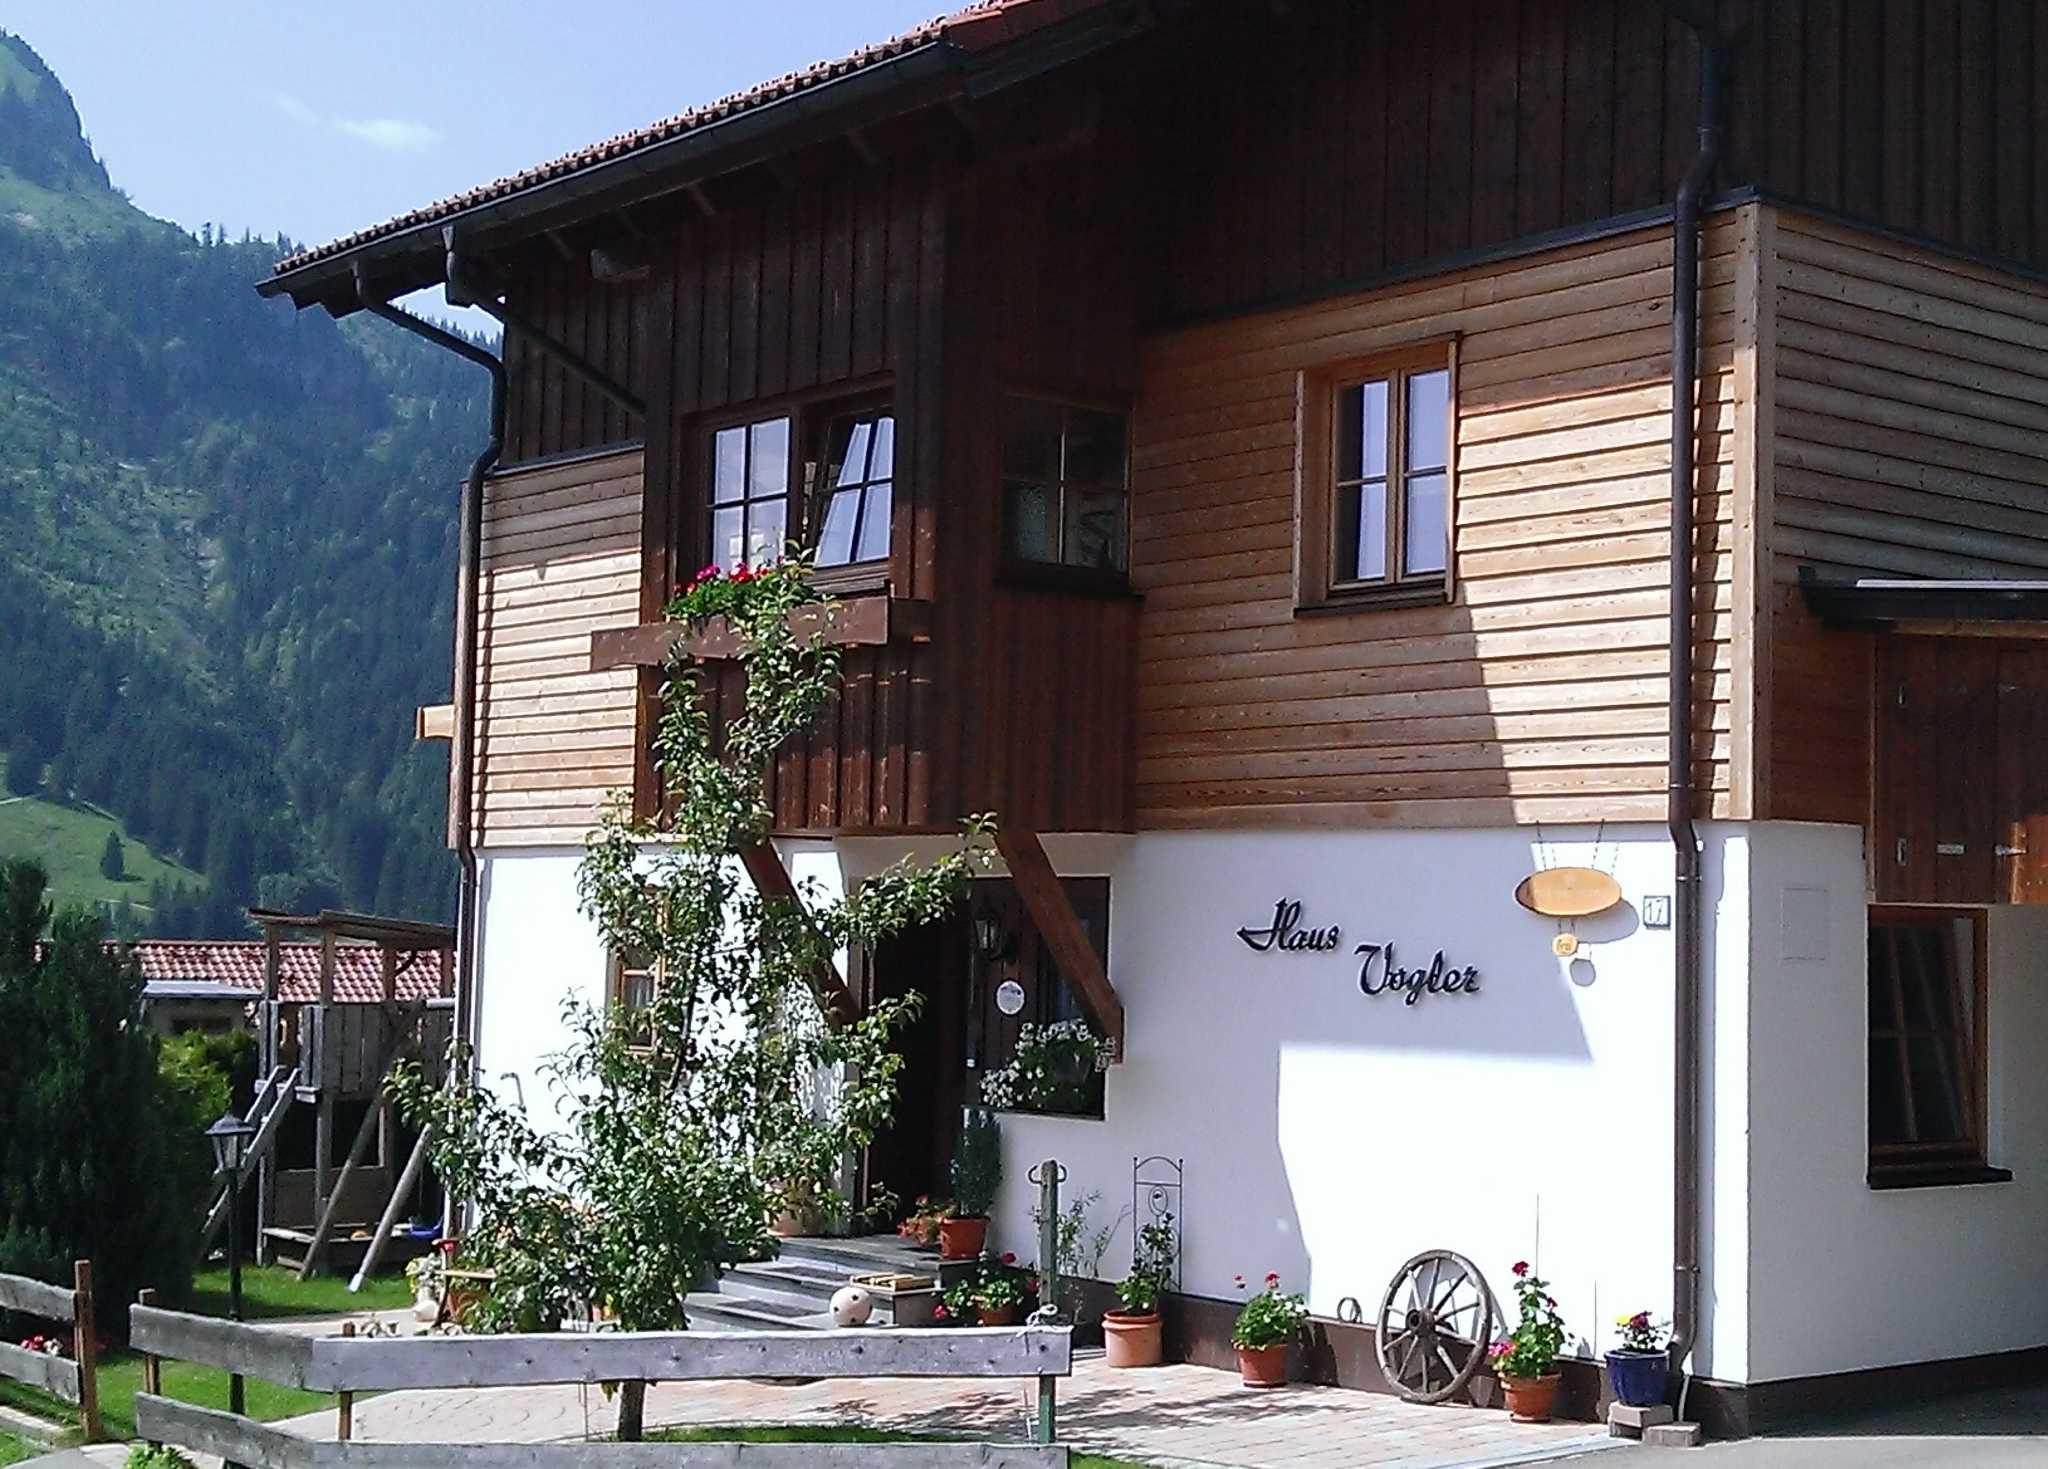 Haus Vogler